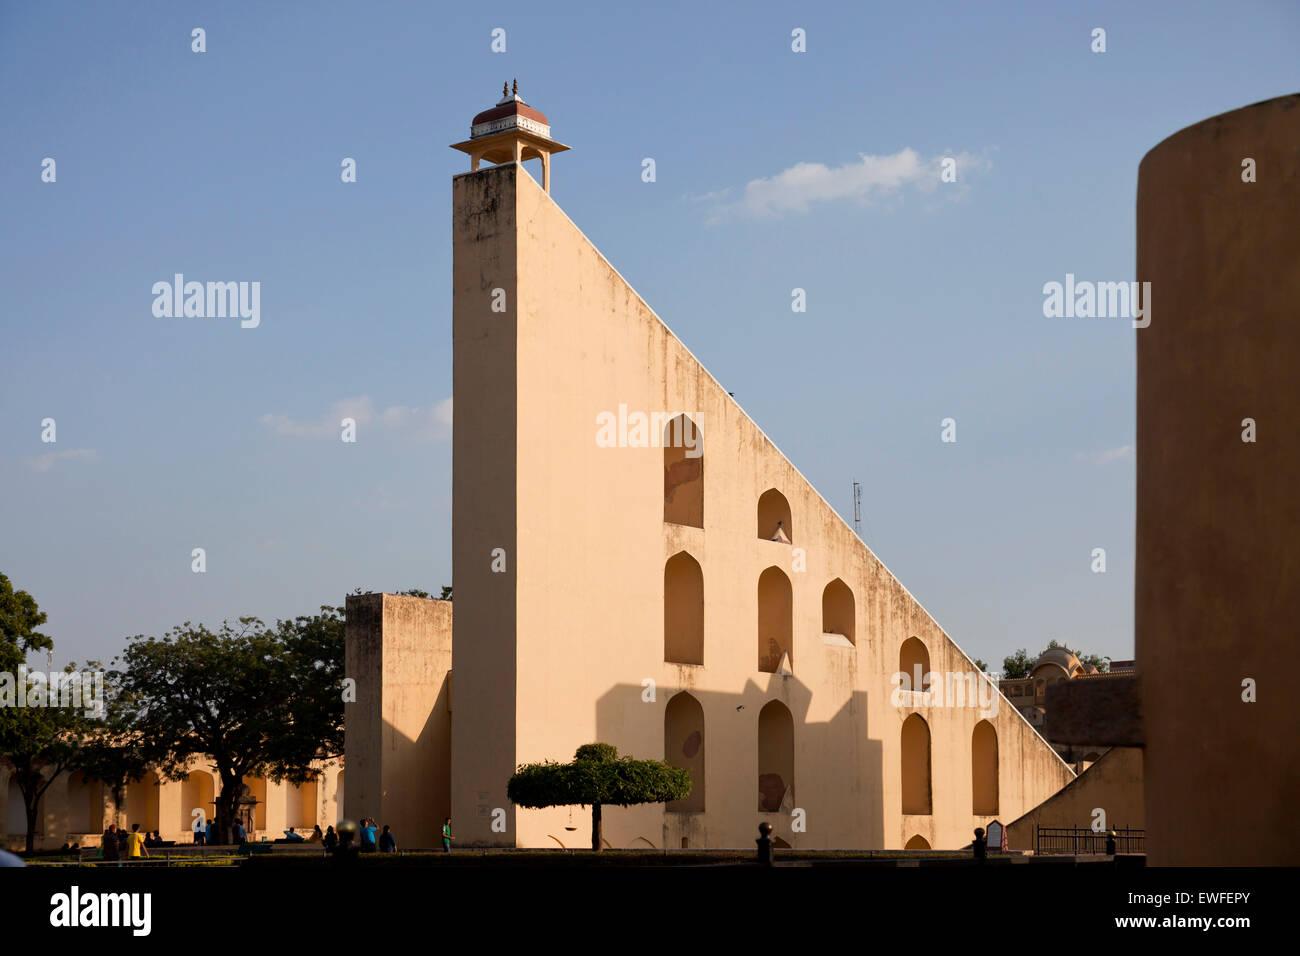 Antico Osservatorio Jantar Mantar, patrimonio mondiale dell UNESCO a Jaipur, Rajasthan, India, Asia Immagini Stock